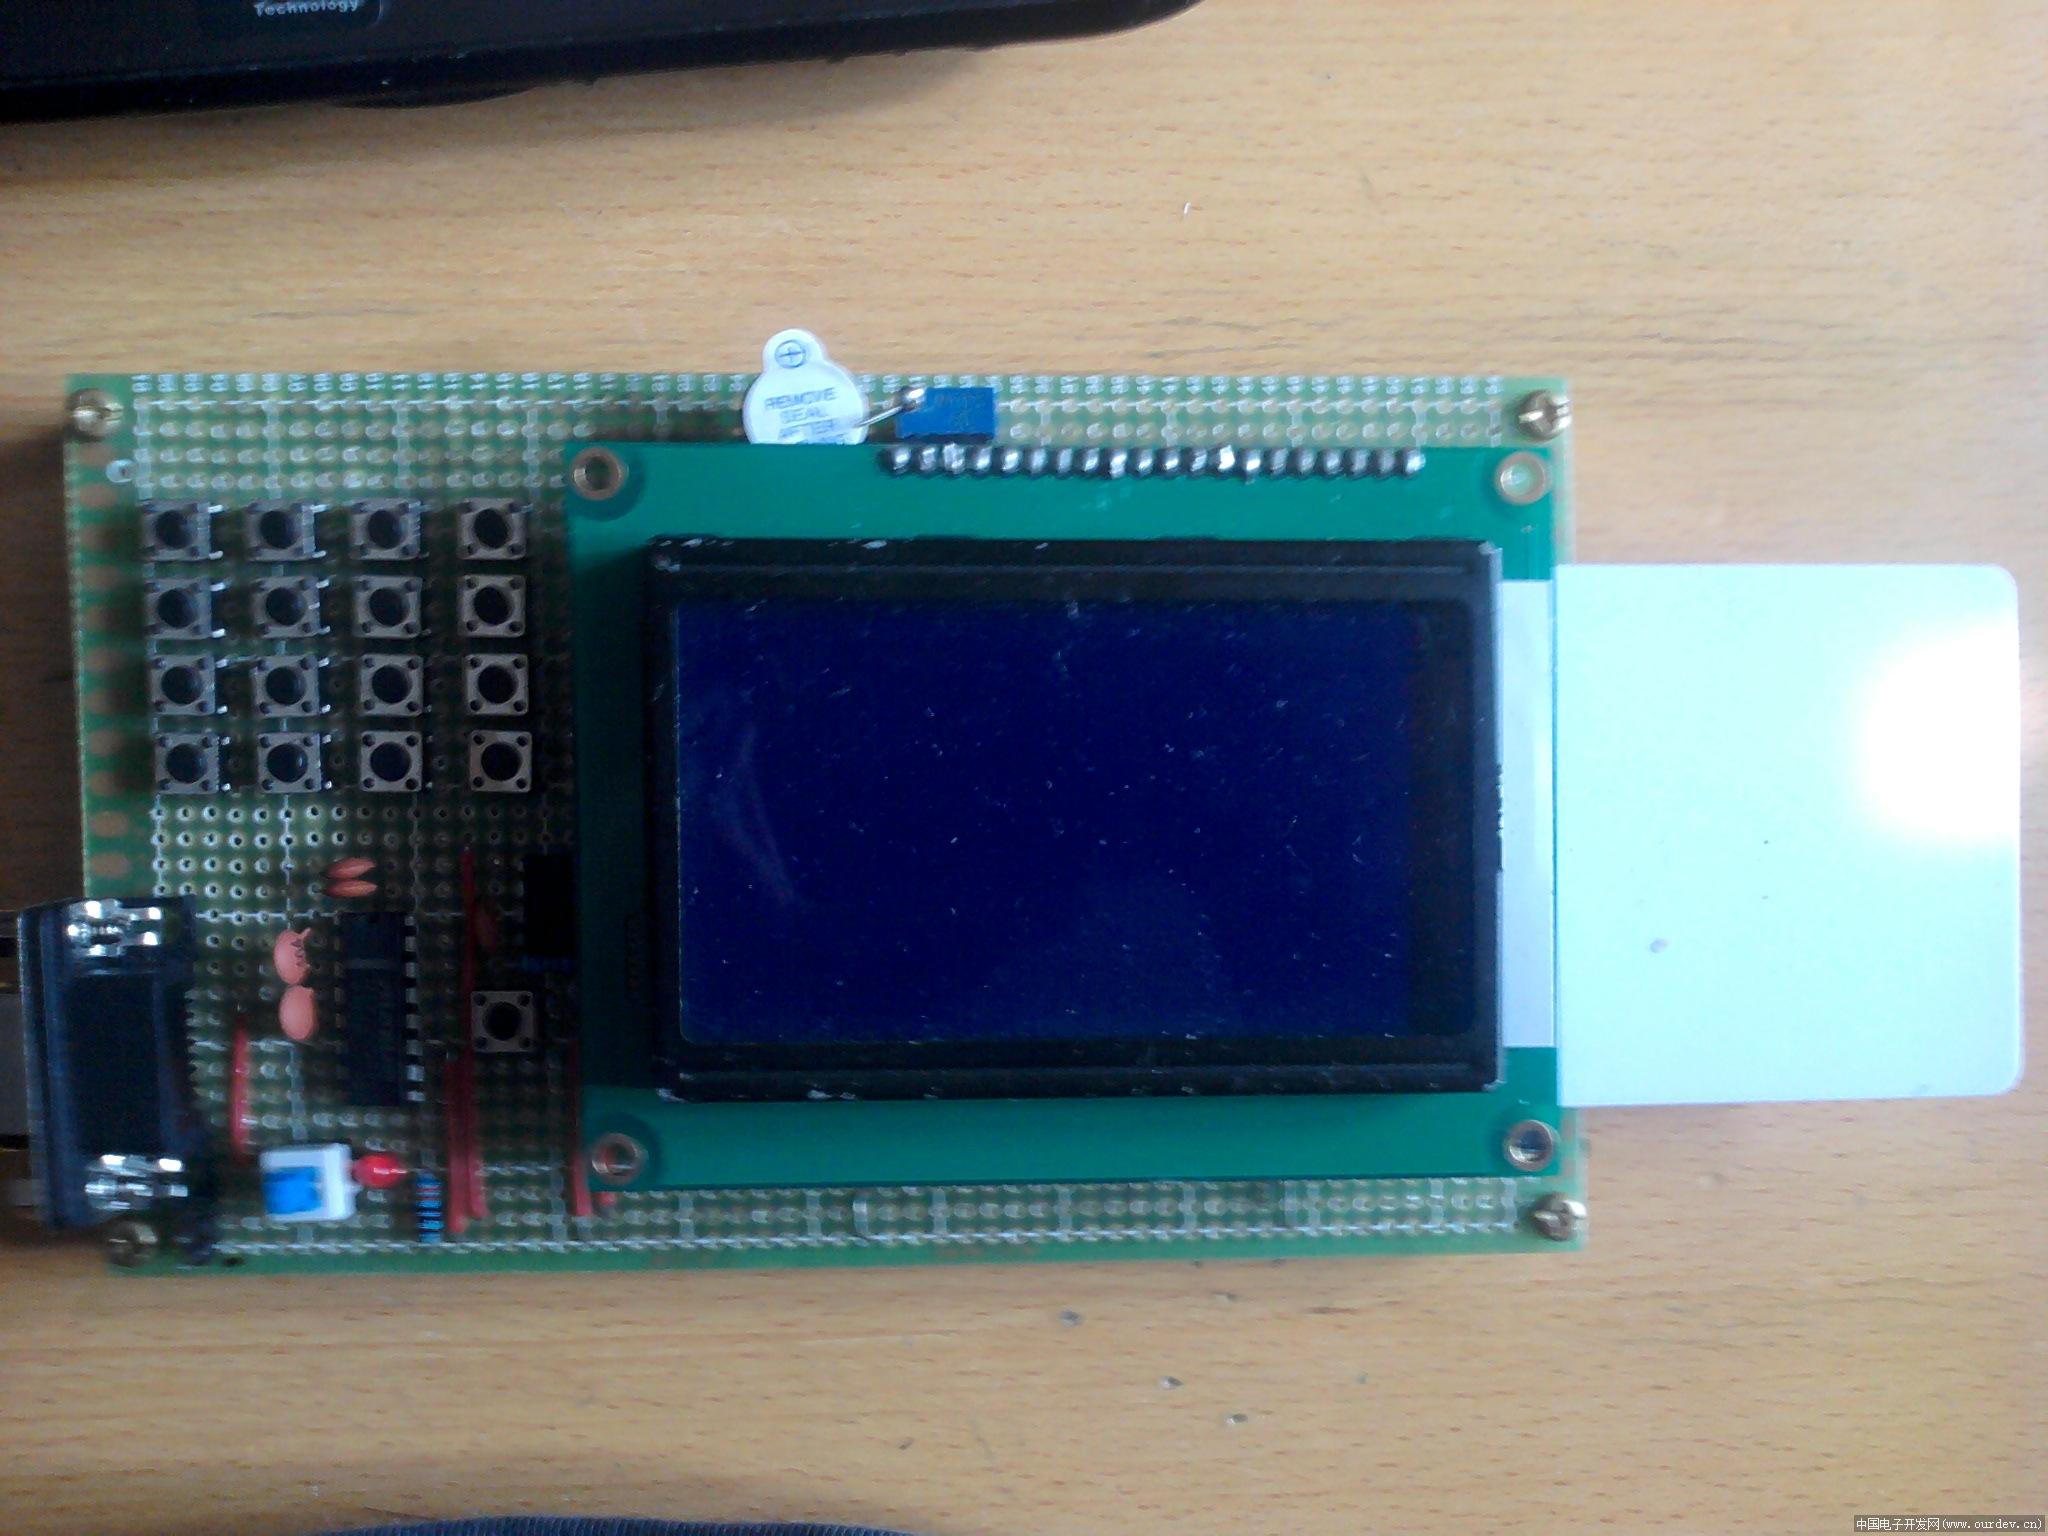 我的毕业设计作品 ic卡消费系统 (amobbs 阿莫电子)